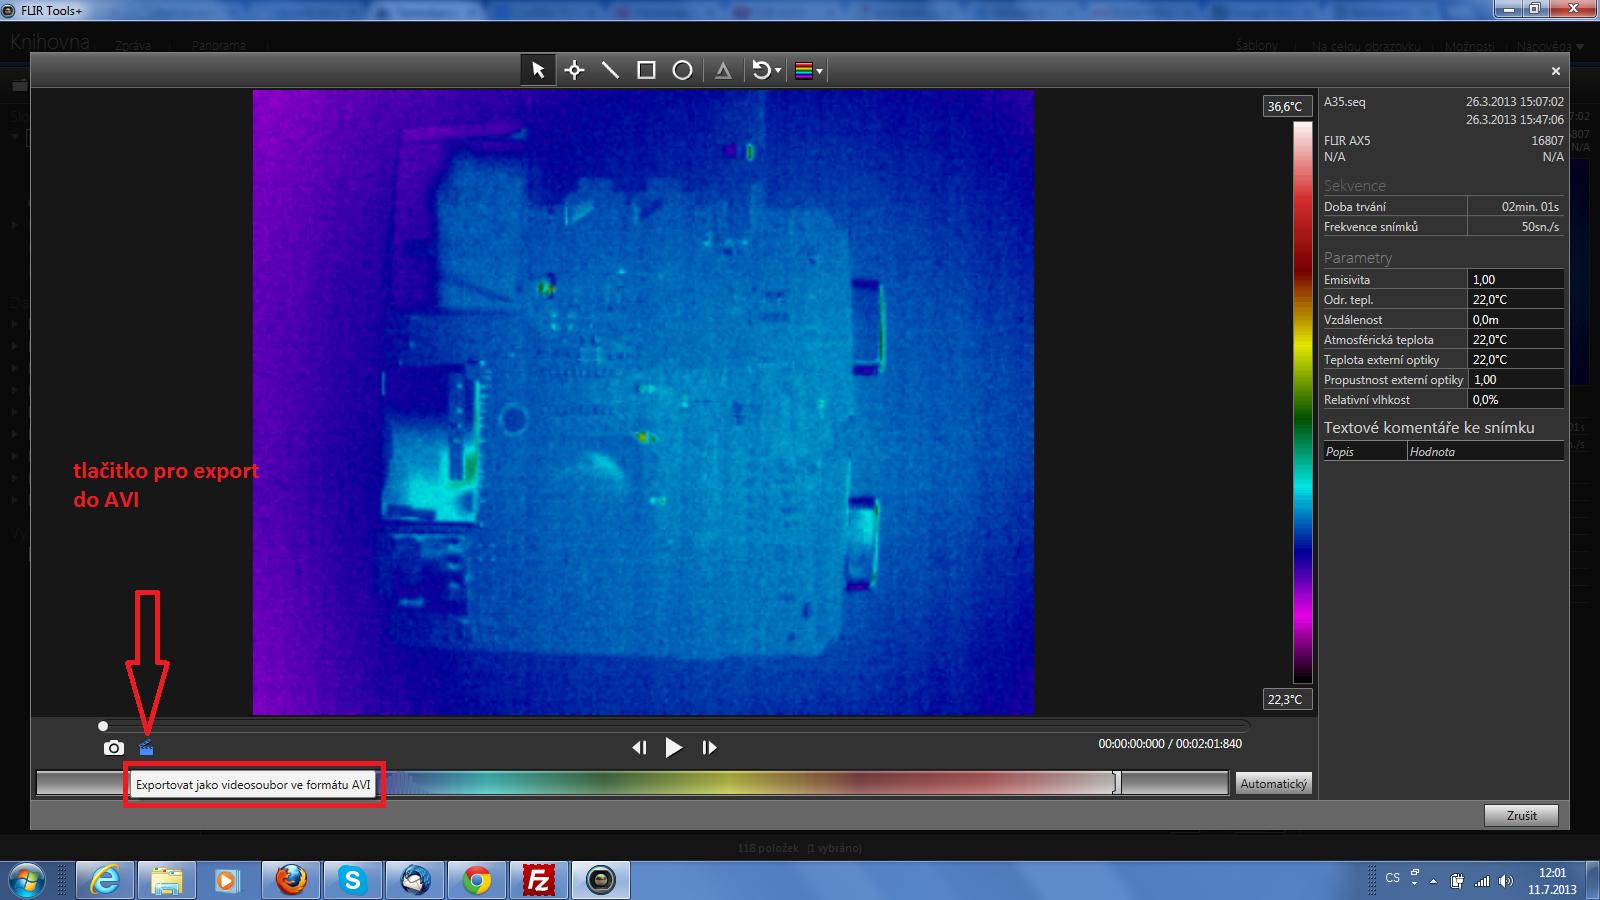 Funkce pro generování AVI souboru ze zaznamenaného radiometrického videa termokamerou FLIR